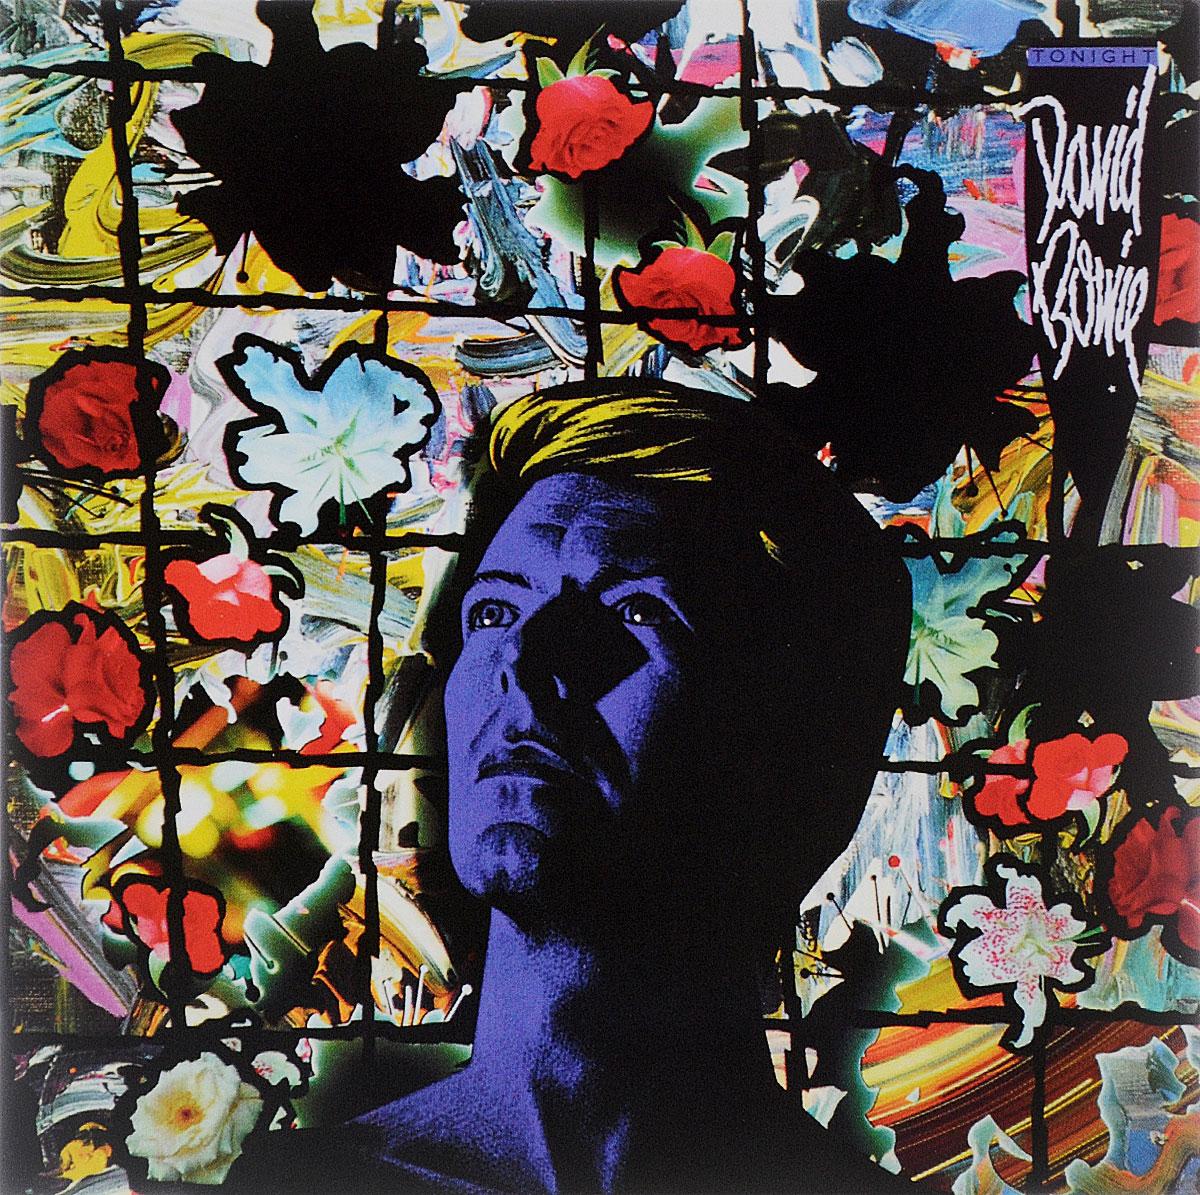 Дэвид Боуи David Bowie. Tonight